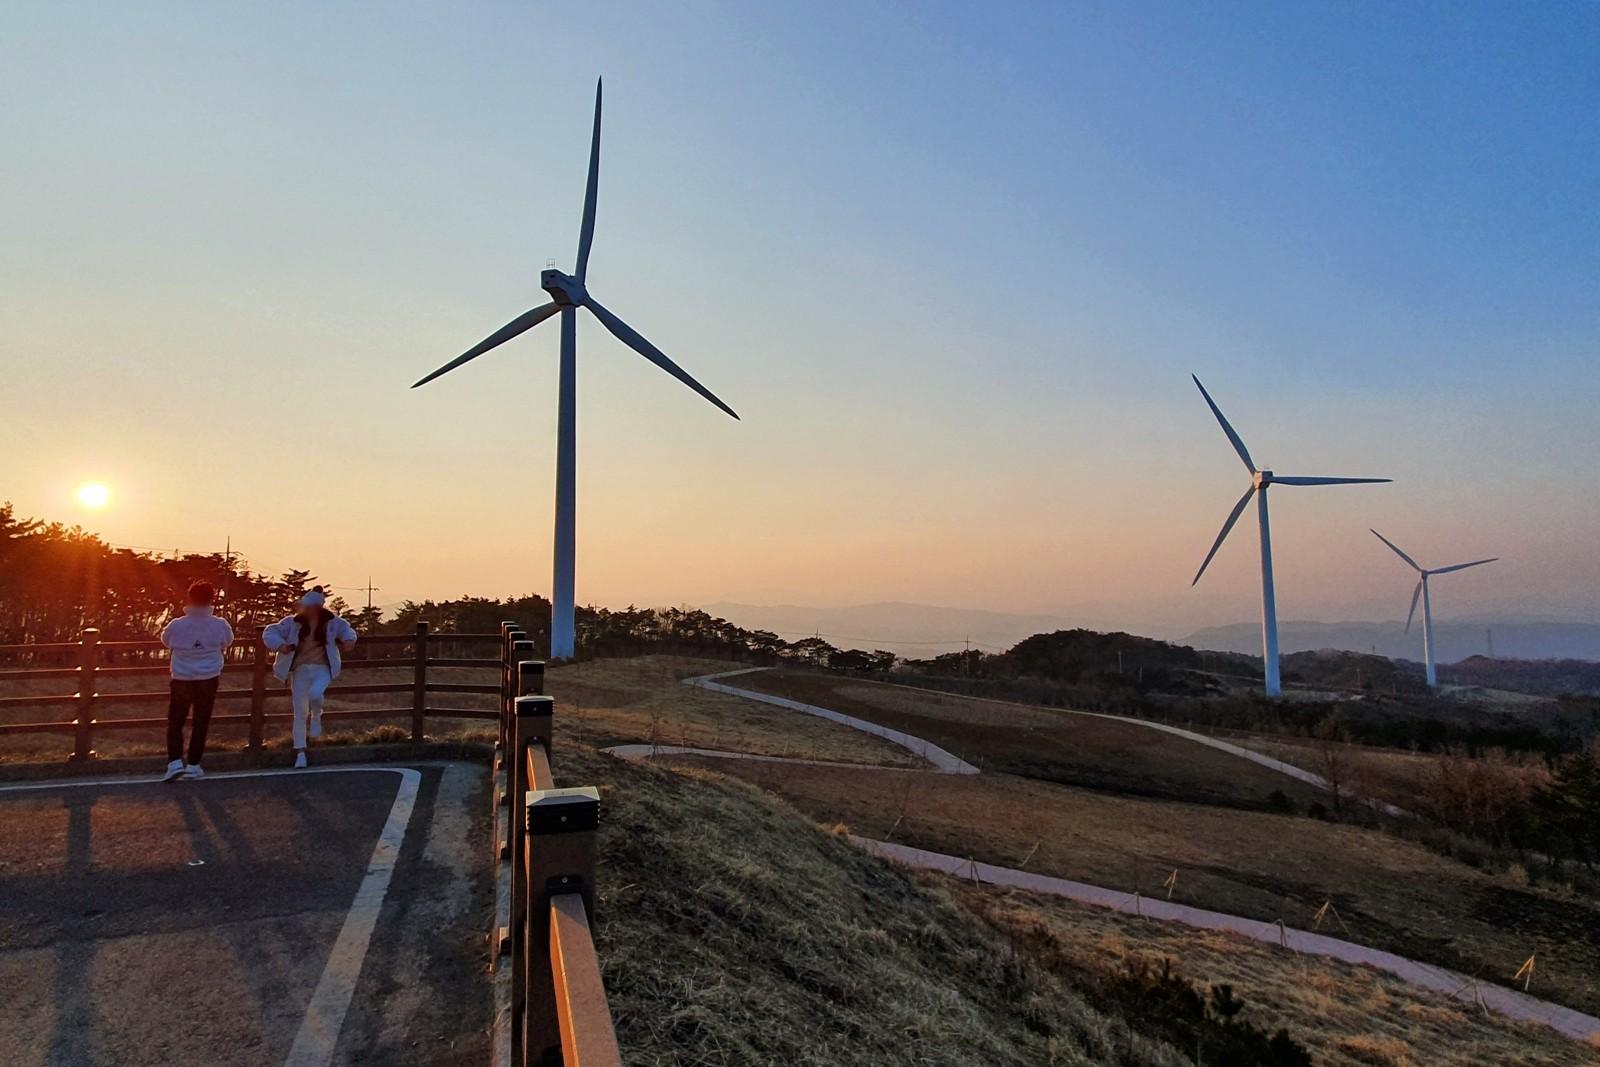 경주 풍력발전(바람의언덕) | 관광지 | 경주 여행 | 경주문화관광